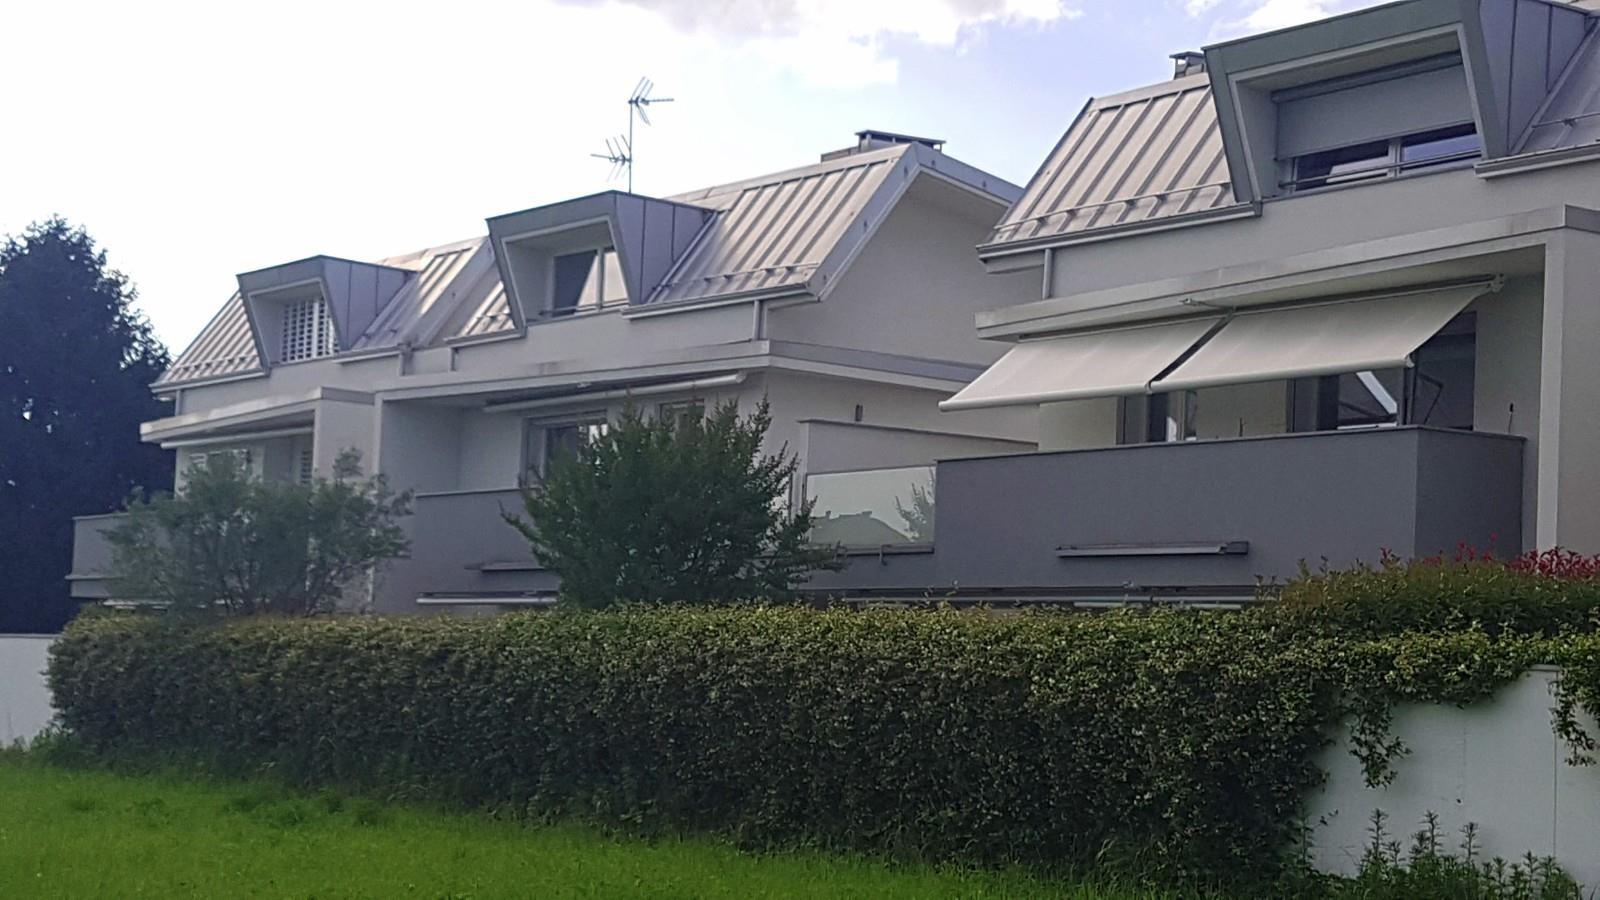 Foto 9 - Appartamento in Vendita - Monza, Zona Buonarroti